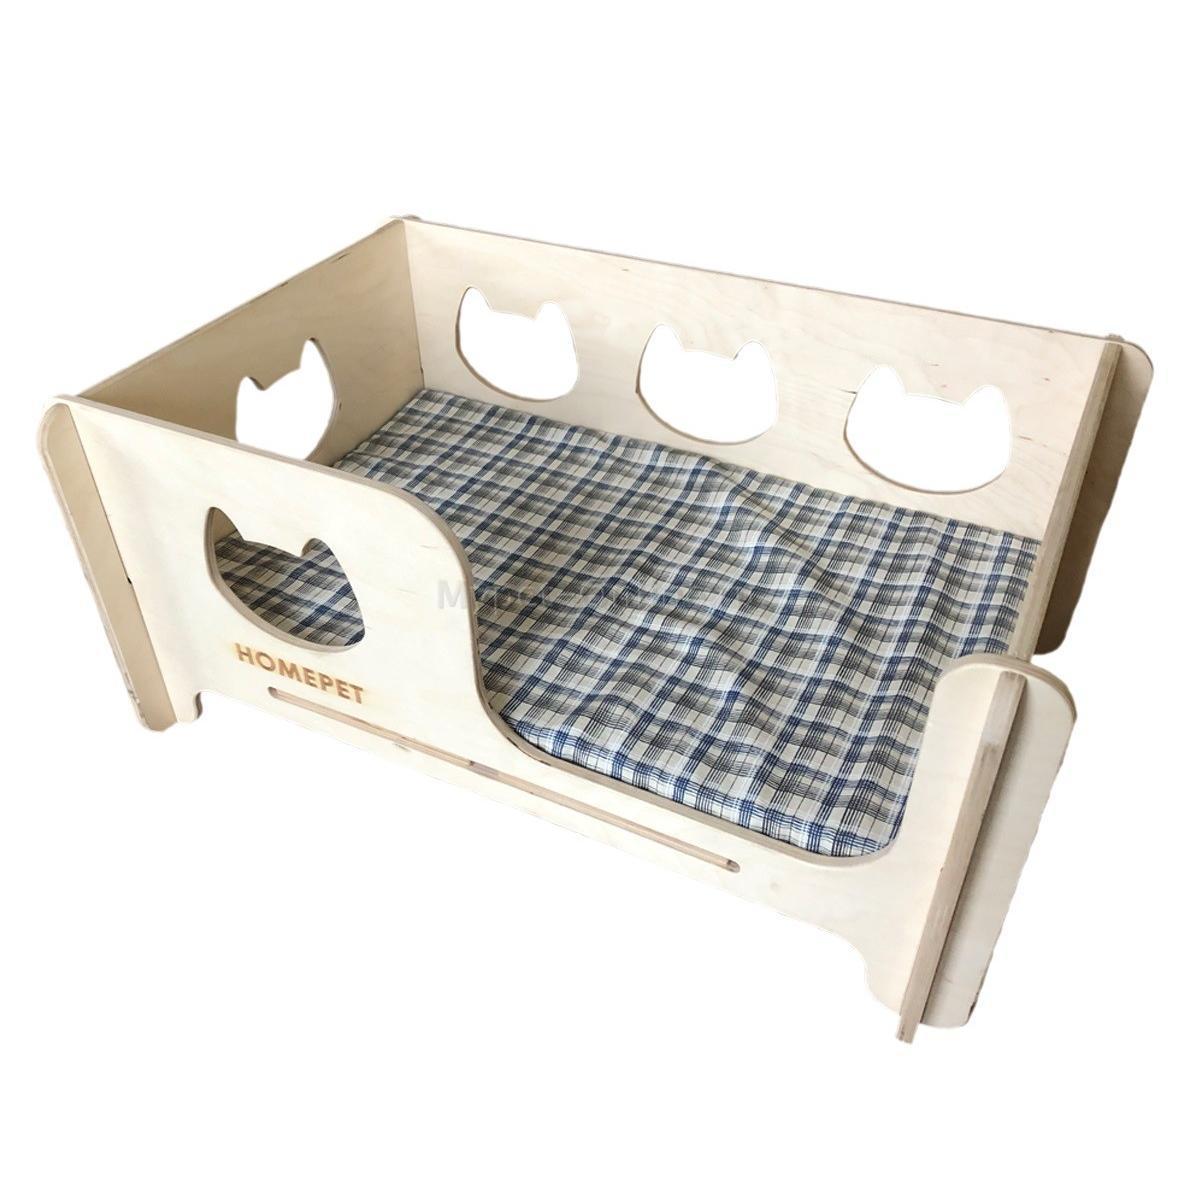 Кроватка деревянная с матрасом Homepet, размер 75х56х27 см. - Интернет зоомагазин MyPet-Online.ru